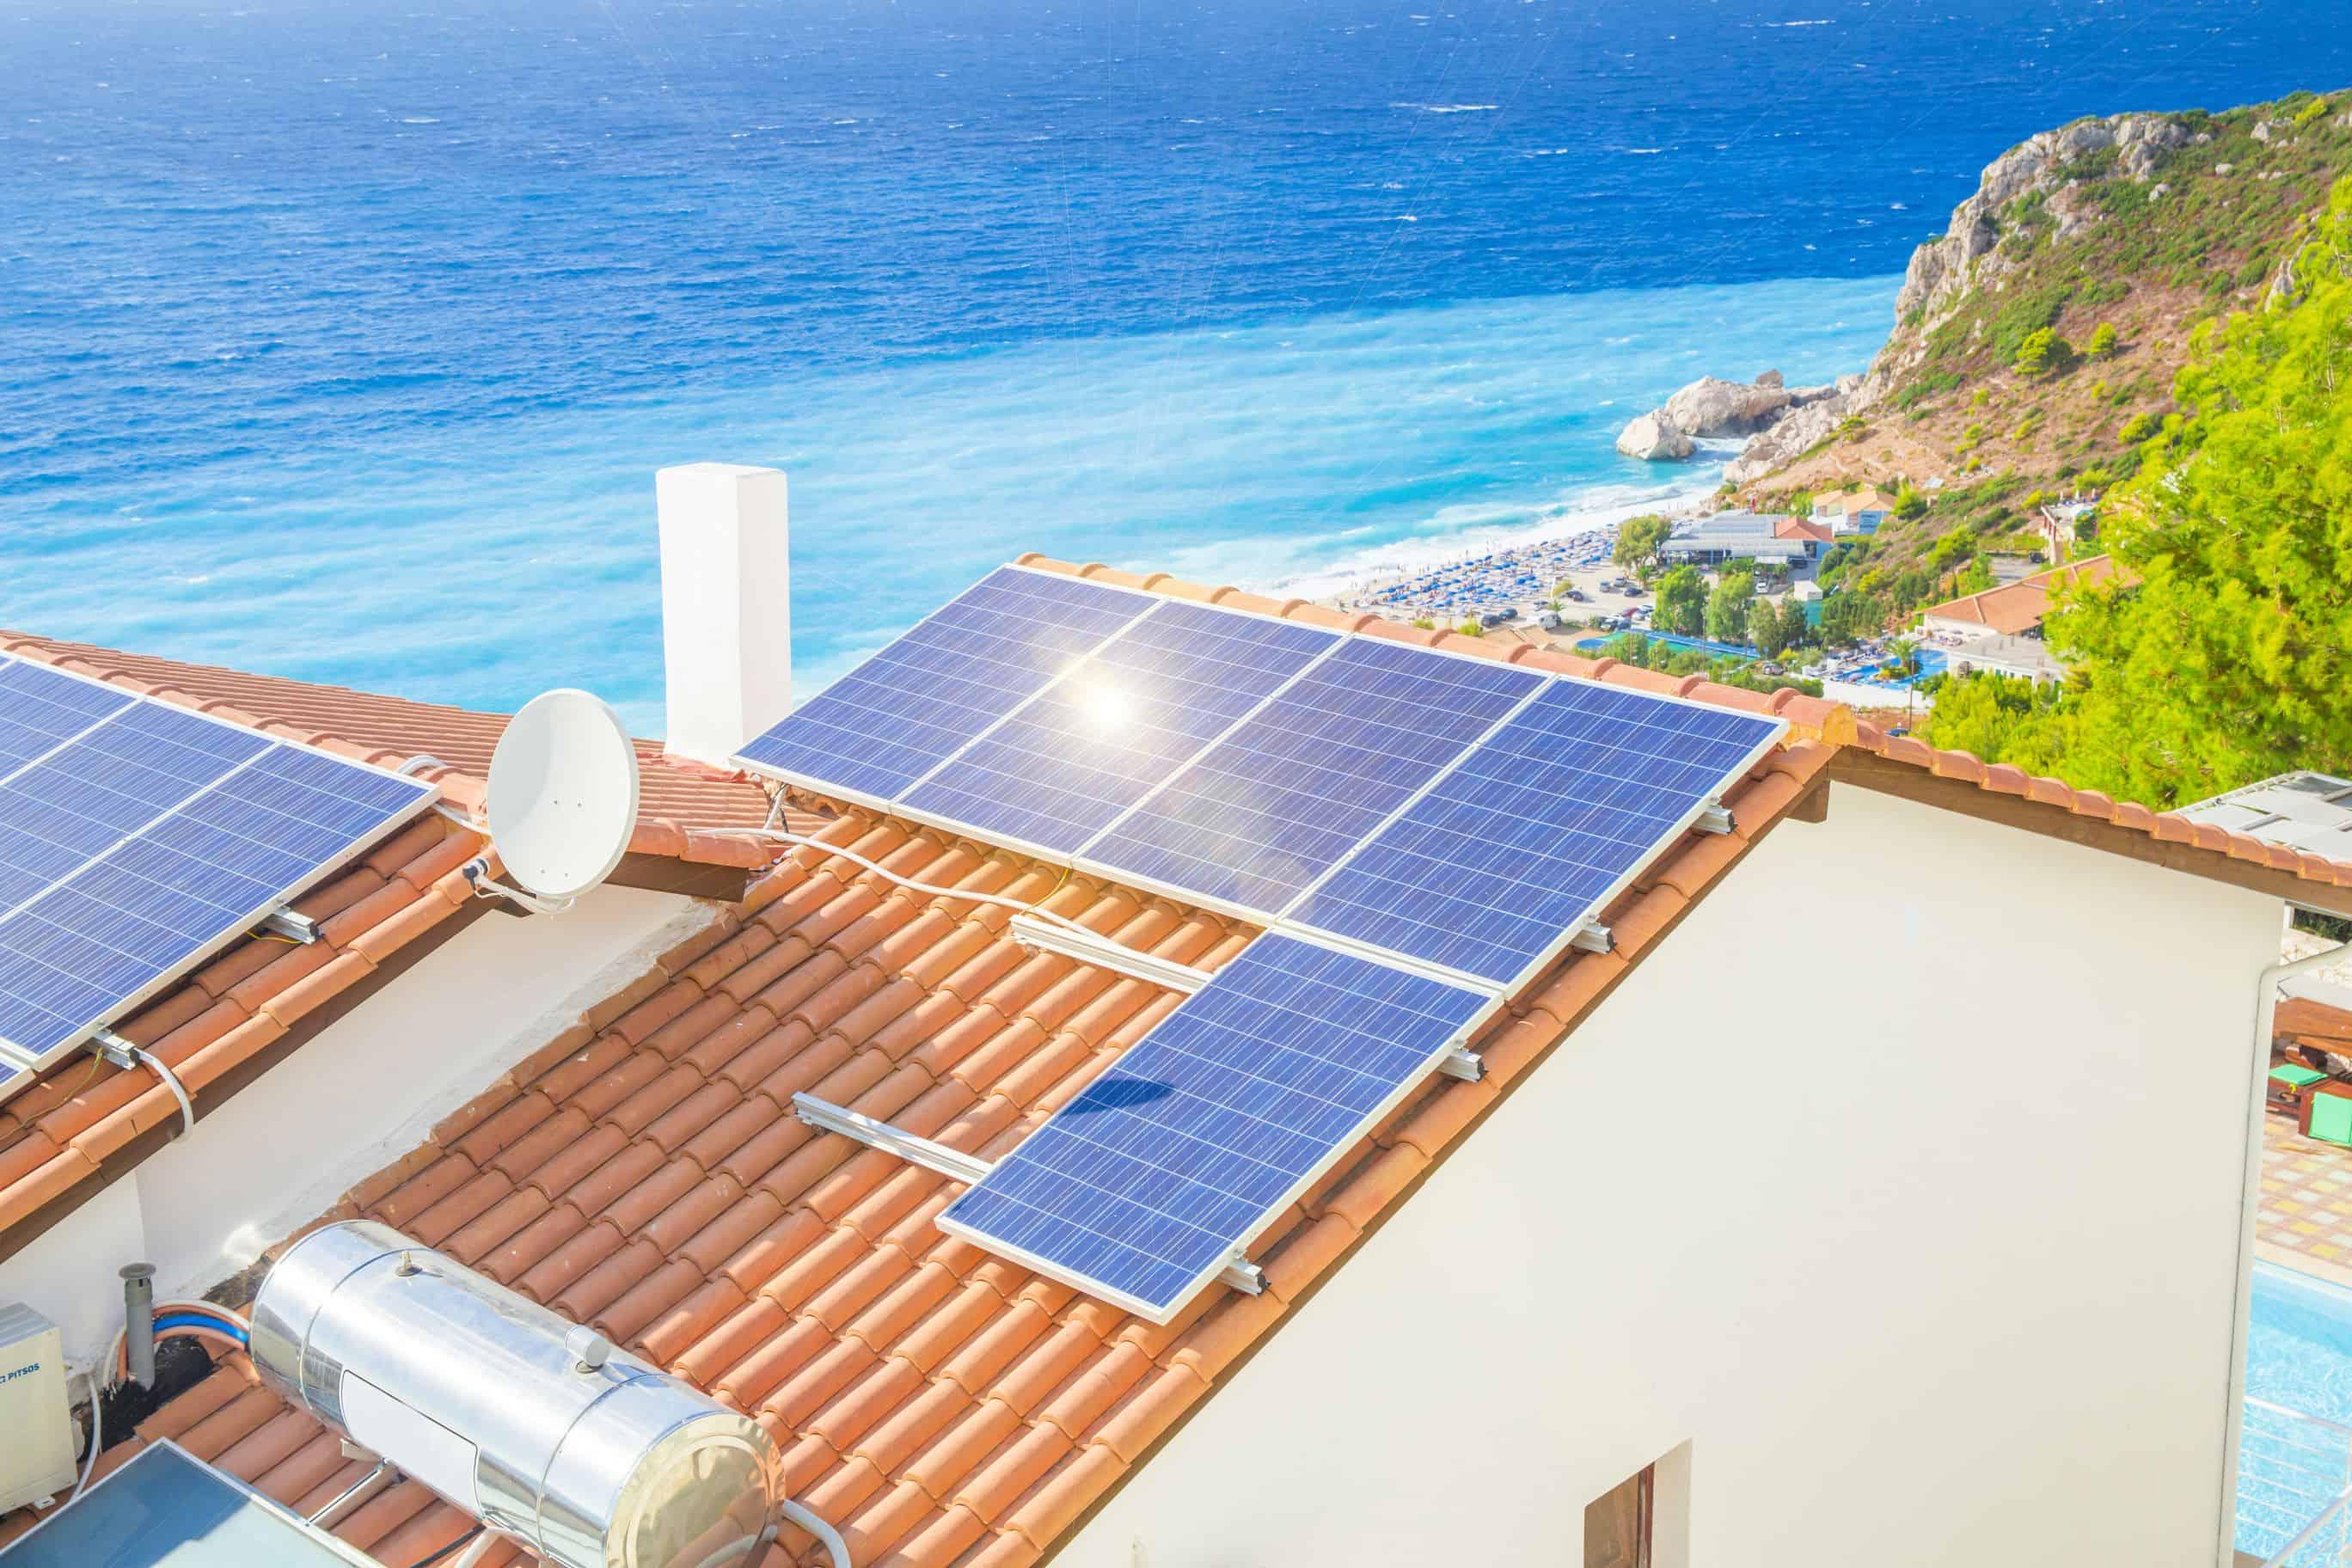 Hangi Bölgelerde Güneş Enerjisi Kullanılmalı?